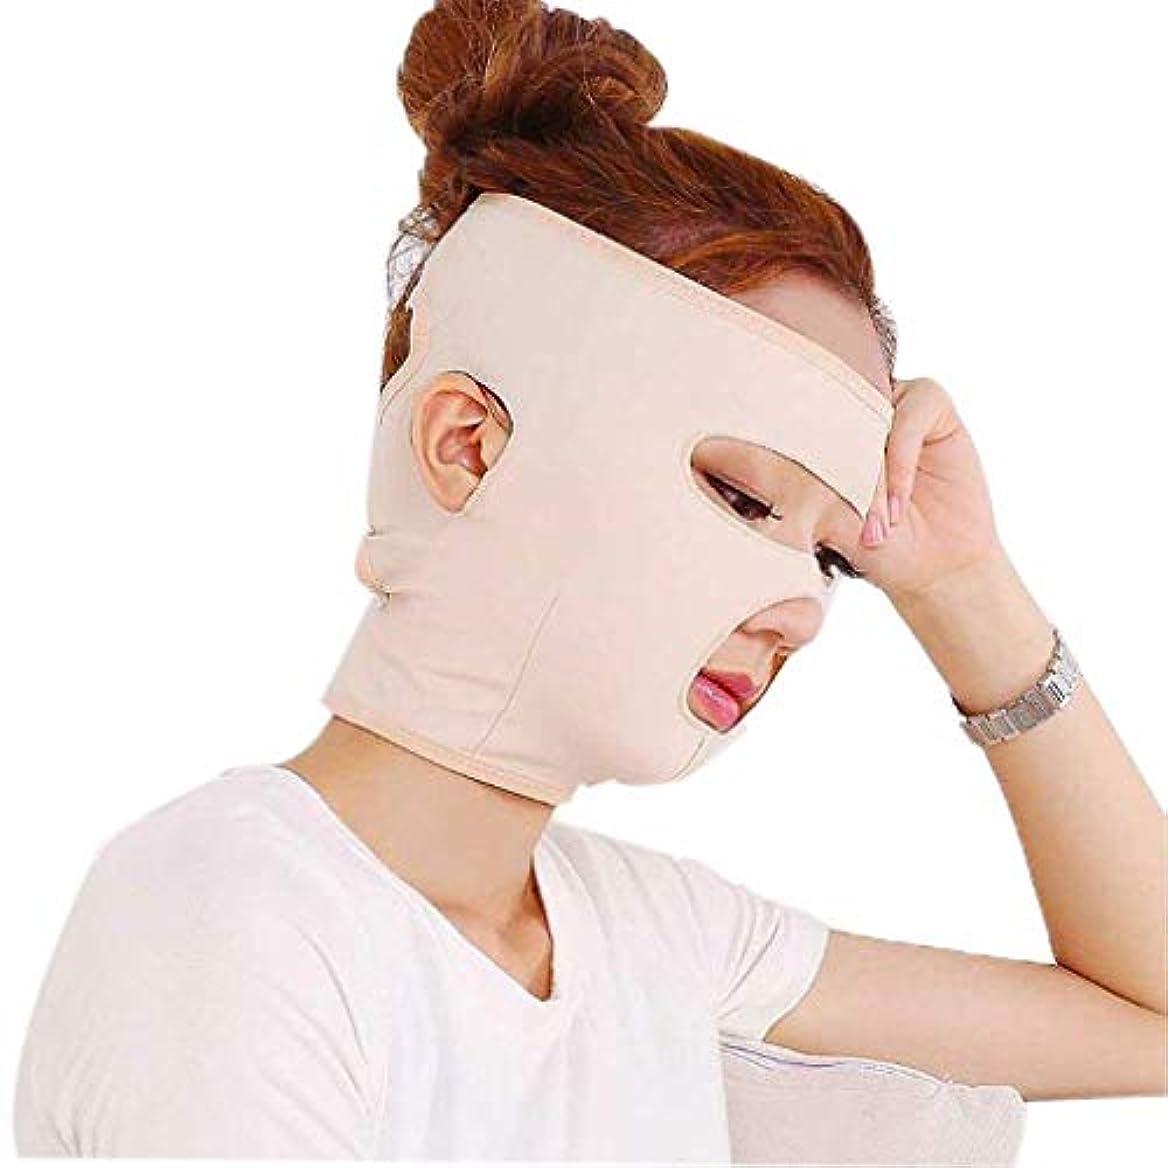 マガジン送金刈るフェイスリフティングマスク、フルフェイス通気性の術後回復包帯リフティング引き締め肌の減少は、小さなVフェイスマスクを作成します(サイズ:M)